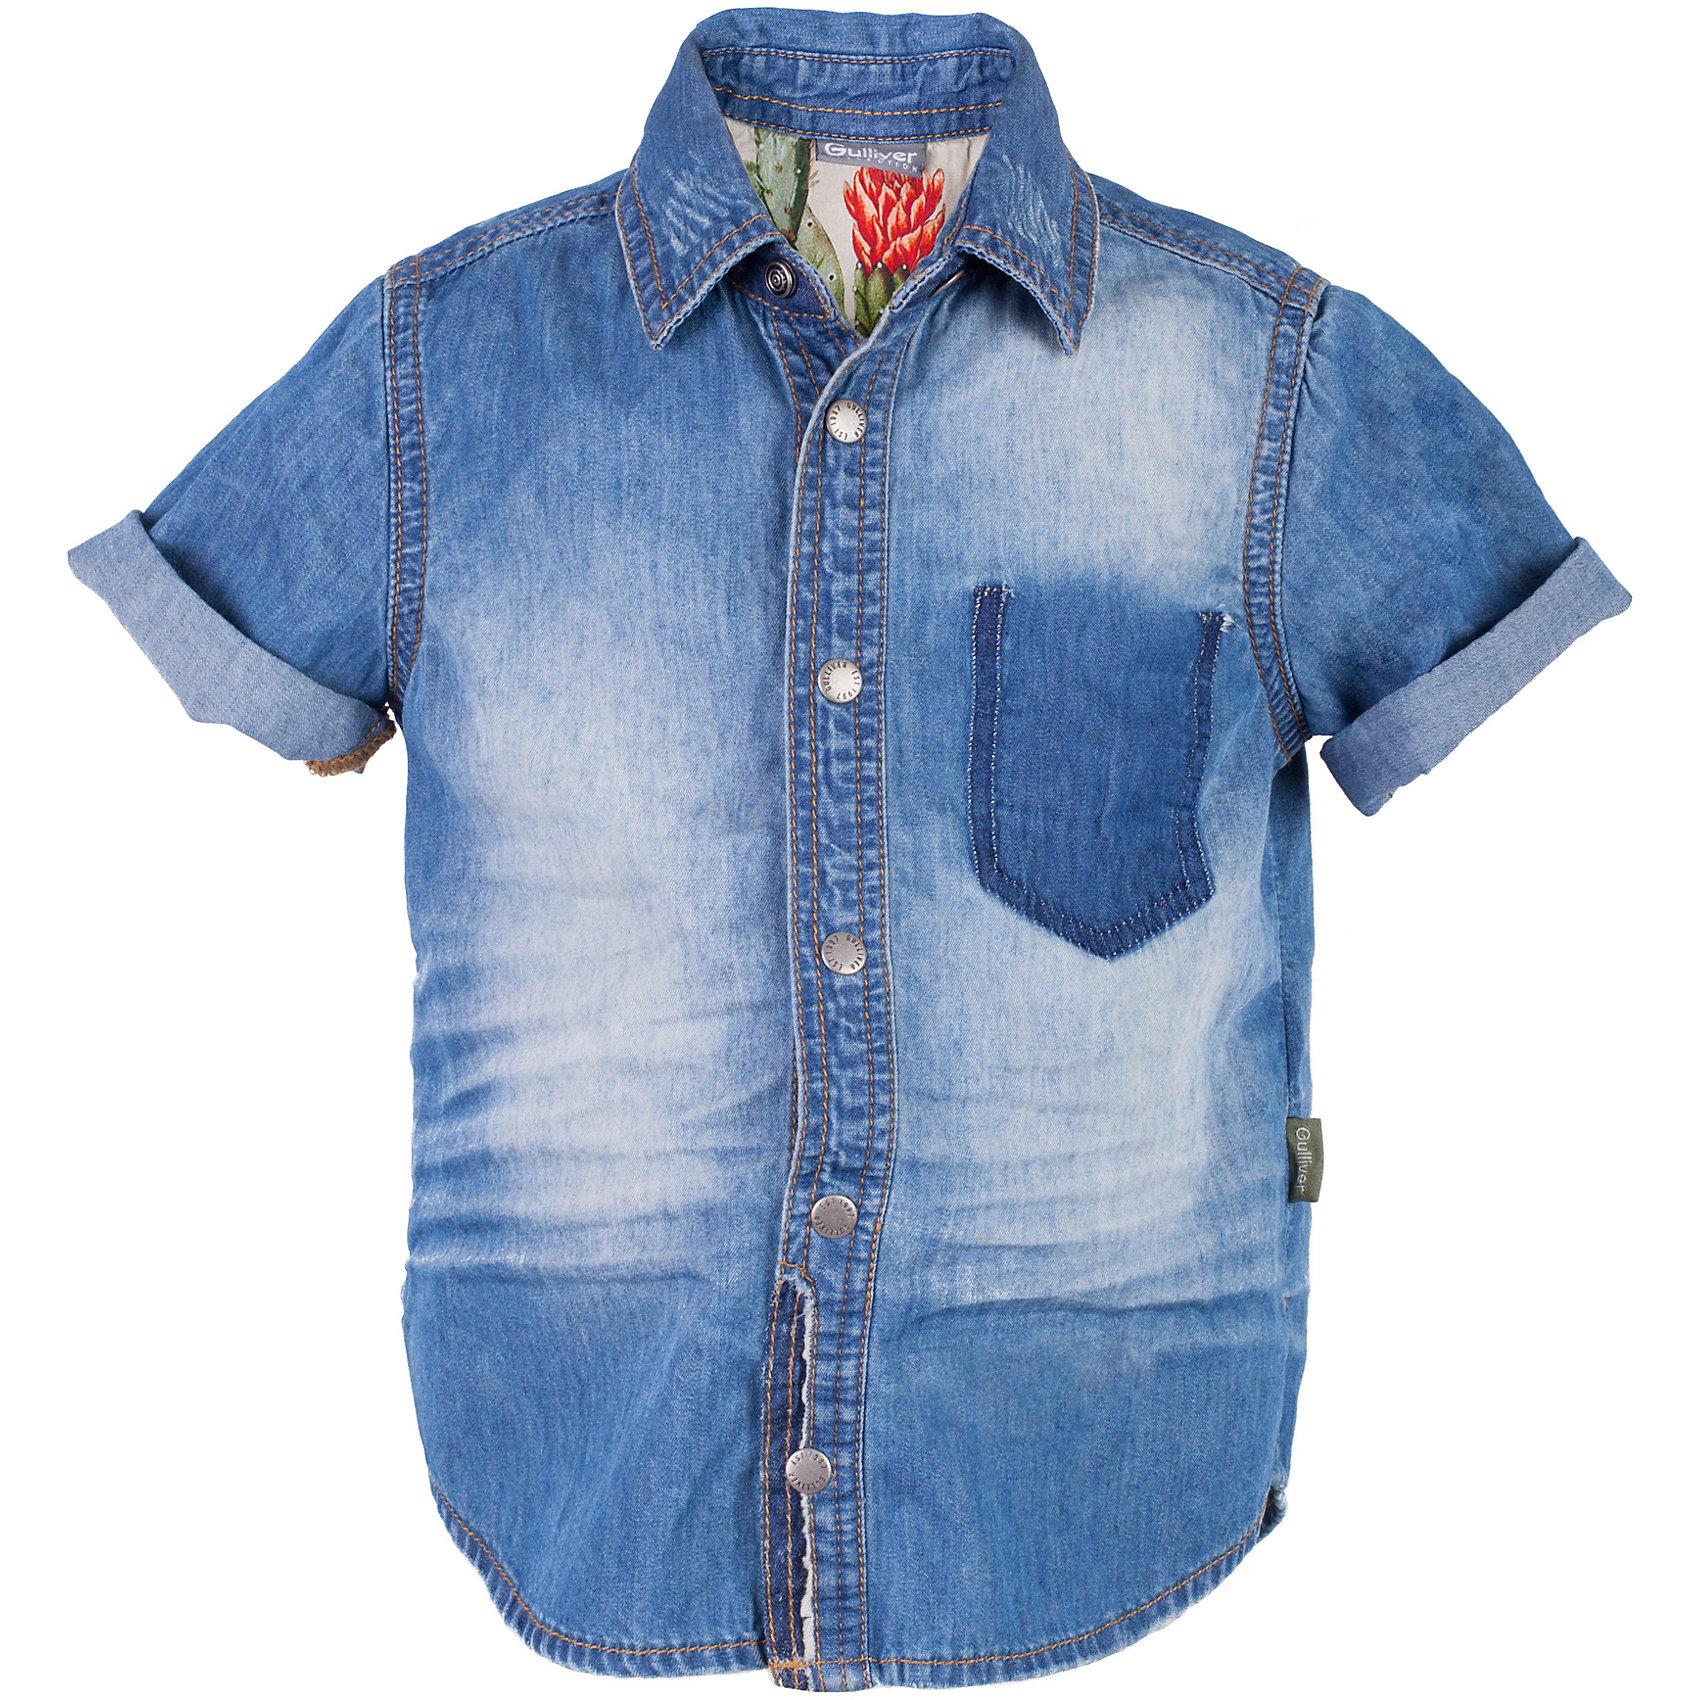 Рубашка джинсовая для мальчика GulliverДжинсовая одежда<br>Джинсовая рубашка для мальчика входит в Топ 10 самых популярных моделей сезона Весна/Лето 2017! Модная форма, классная варка, замины, повреждения, заплатки делают рубашку ярким акцентом повседневного образа. Симпатичный элемент, внутренняя кокетка спинки, созданная из цветного текстиля, говорит о продуманности и внимании к деталям. Стильная джинсовая рубашка - идеальный вариант для тех, кто идет в ногу со временем, предпочитая безупречный стиль и элегантность от Gulliver.<br>Состав:<br>100% хлопок<br><br>Ширина мм: 174<br>Глубина мм: 10<br>Высота мм: 169<br>Вес г: 157<br>Цвет: синий<br>Возраст от месяцев: 24<br>Возраст до месяцев: 36<br>Пол: Мужской<br>Возраст: Детский<br>Размер: 98,104,110,116<br>SKU: 5483796